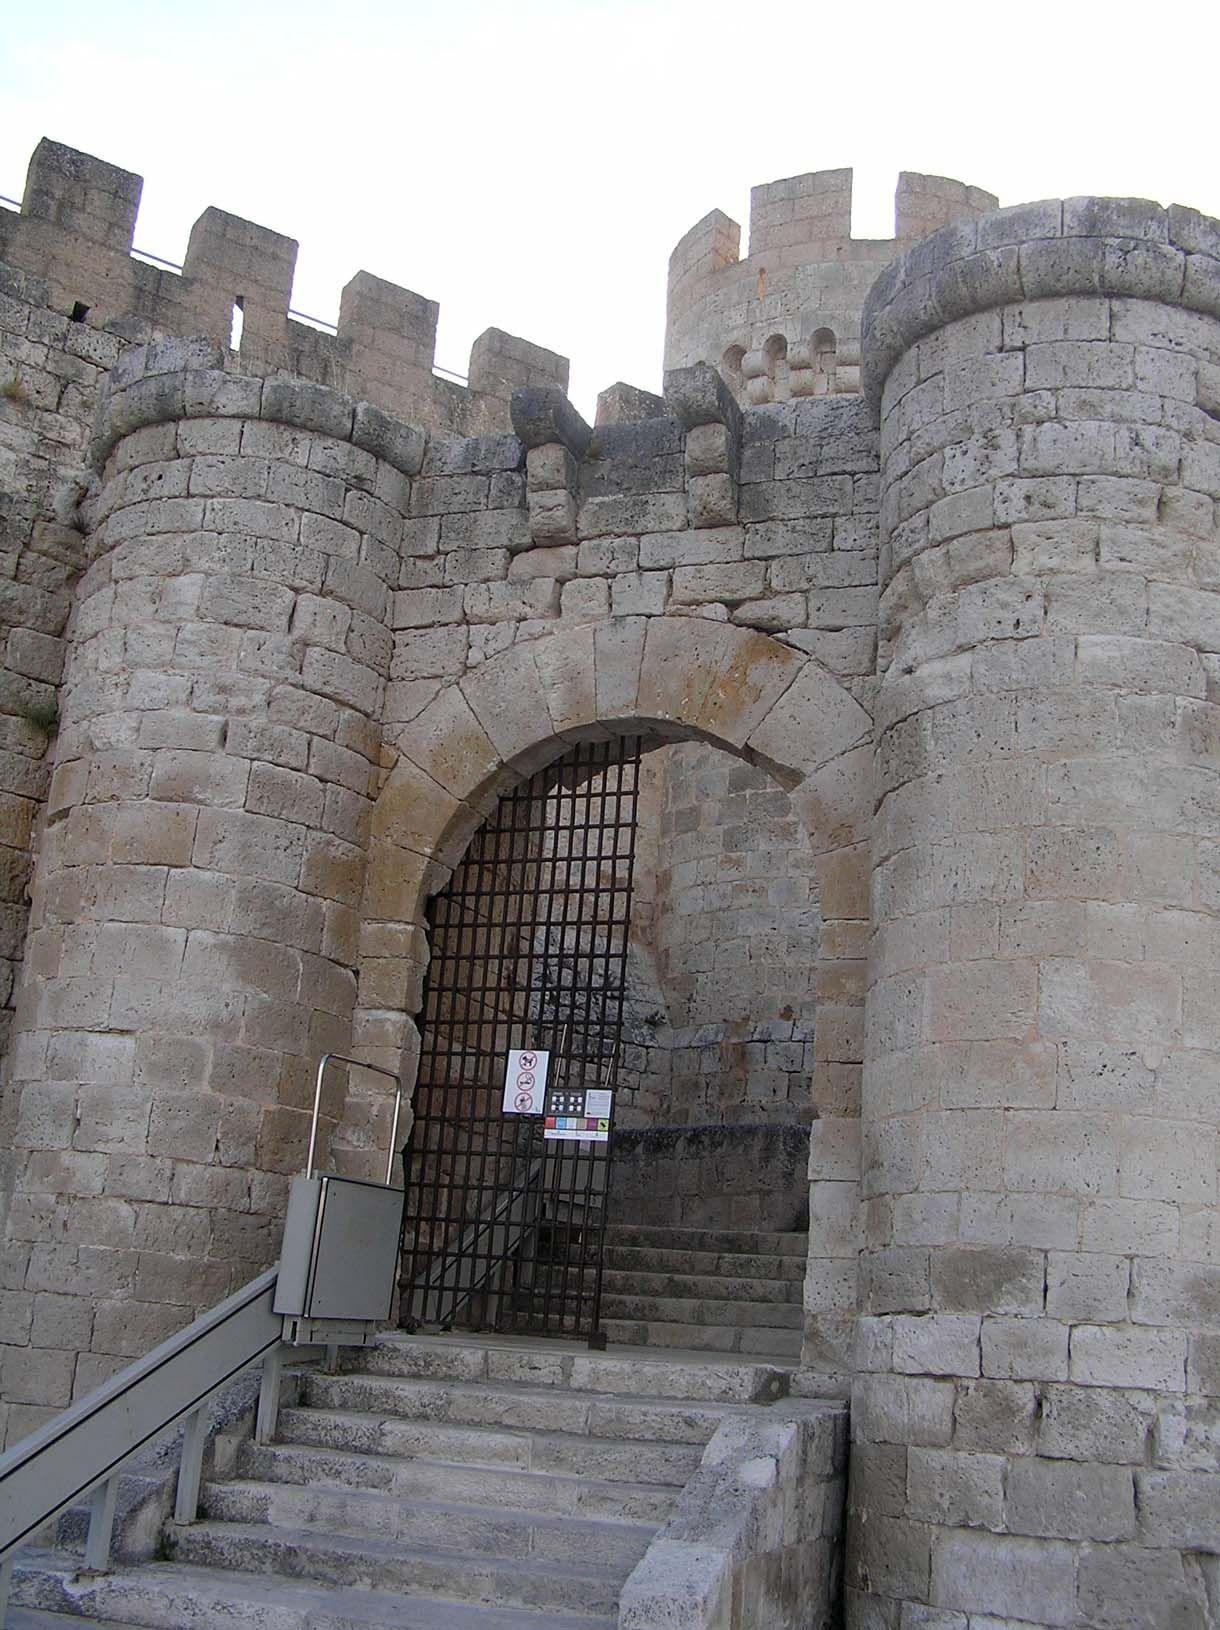 Castillo De Peñafiel.- Puerta de acceso al primer recinto, situada en el lado este del castillo y flanqueada por dos torres cierra la primera línea de murallas o barbacana, corresponde a la parte más antigua de la construcción - Portal Fuenterrebollo